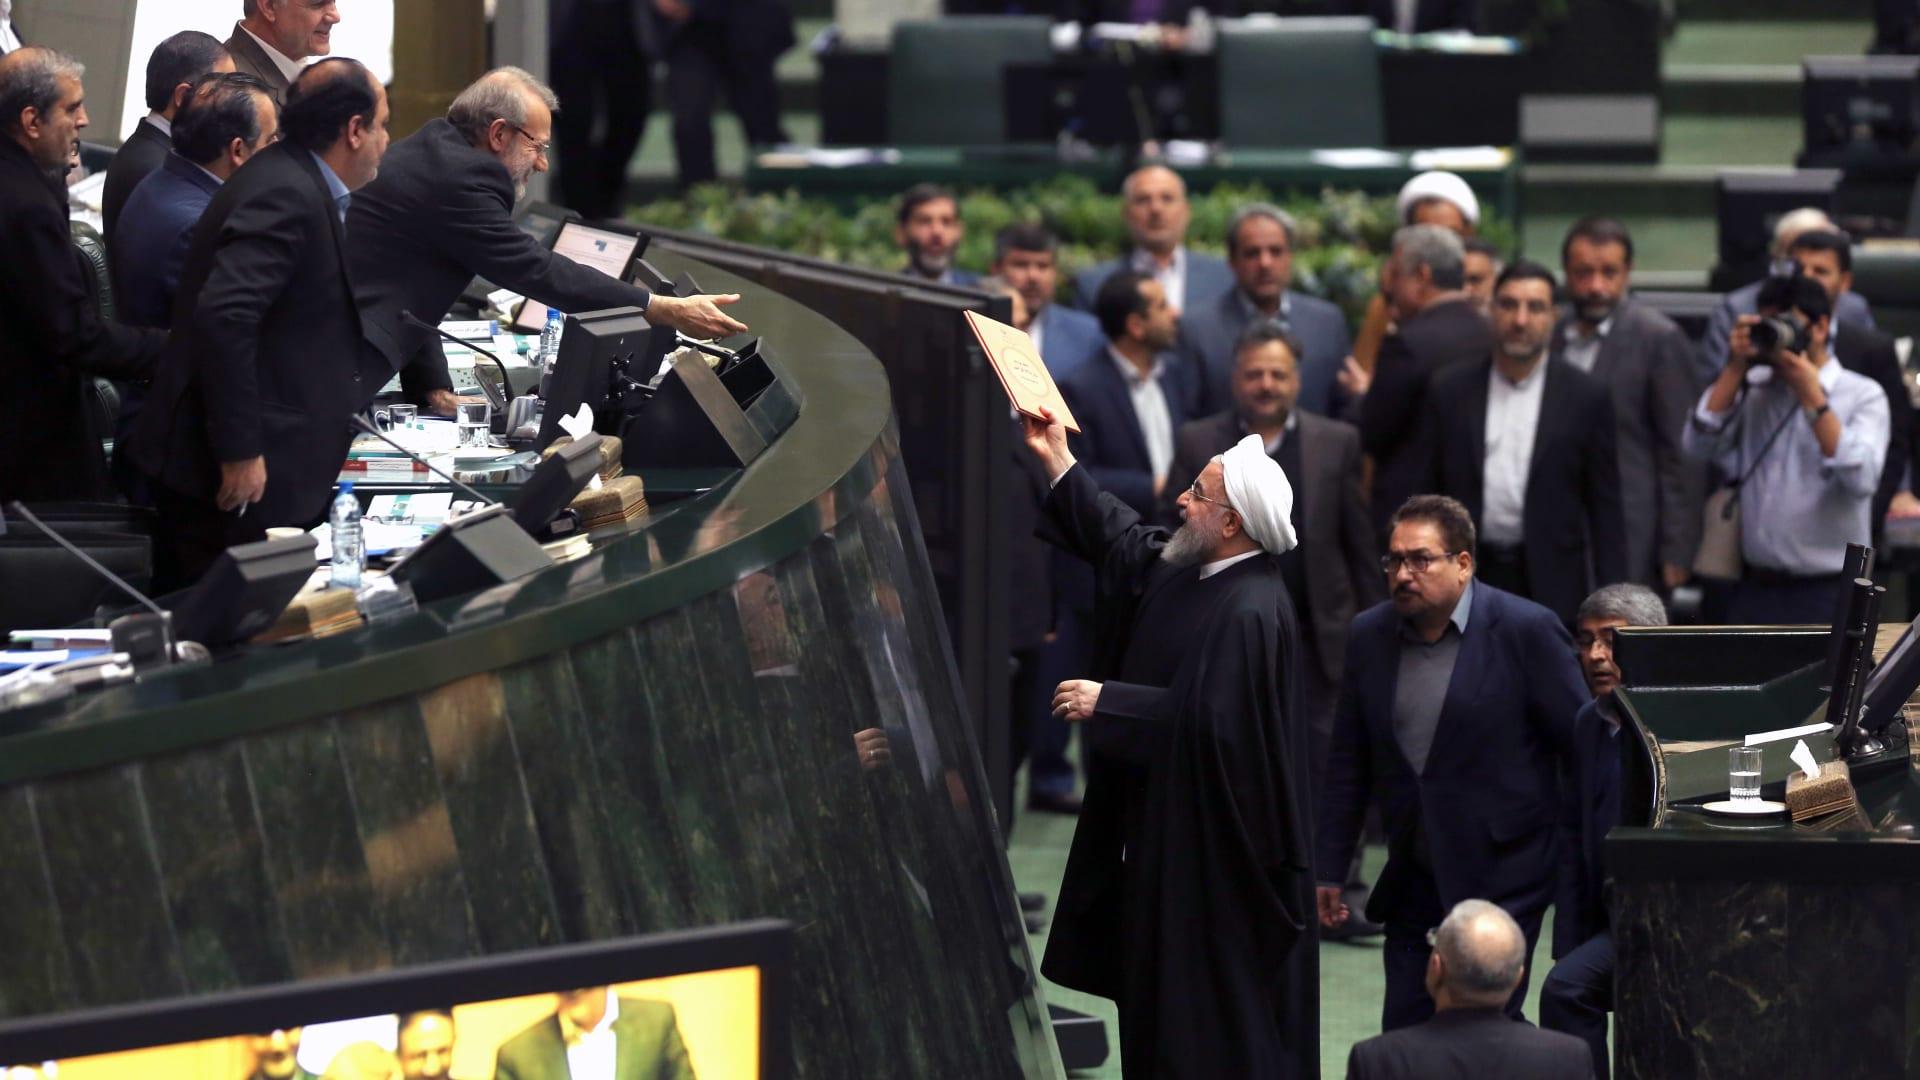 البرلمان الإيراني يقر الموازنة العامة بعد 27 جلسة..فما قيمتها؟